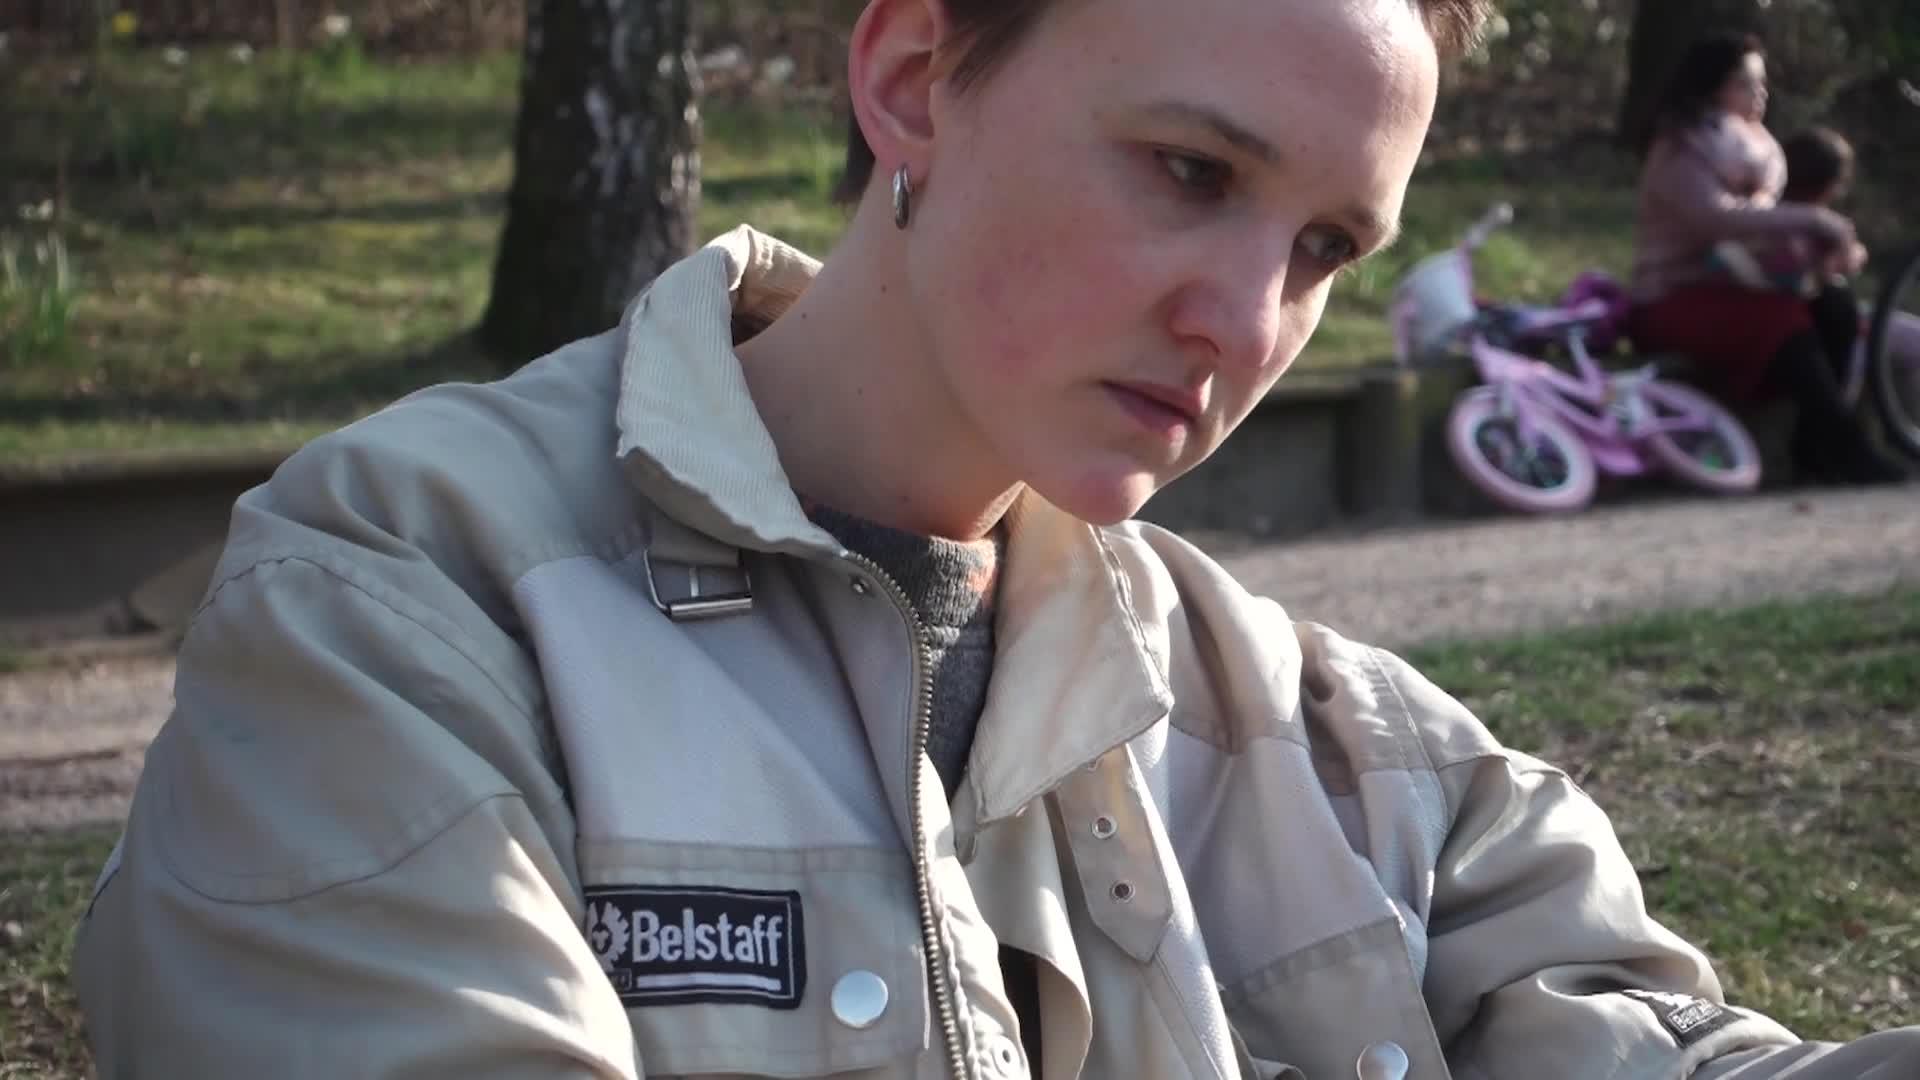 Vorschaubild - Verena Buttmann - Licht im August